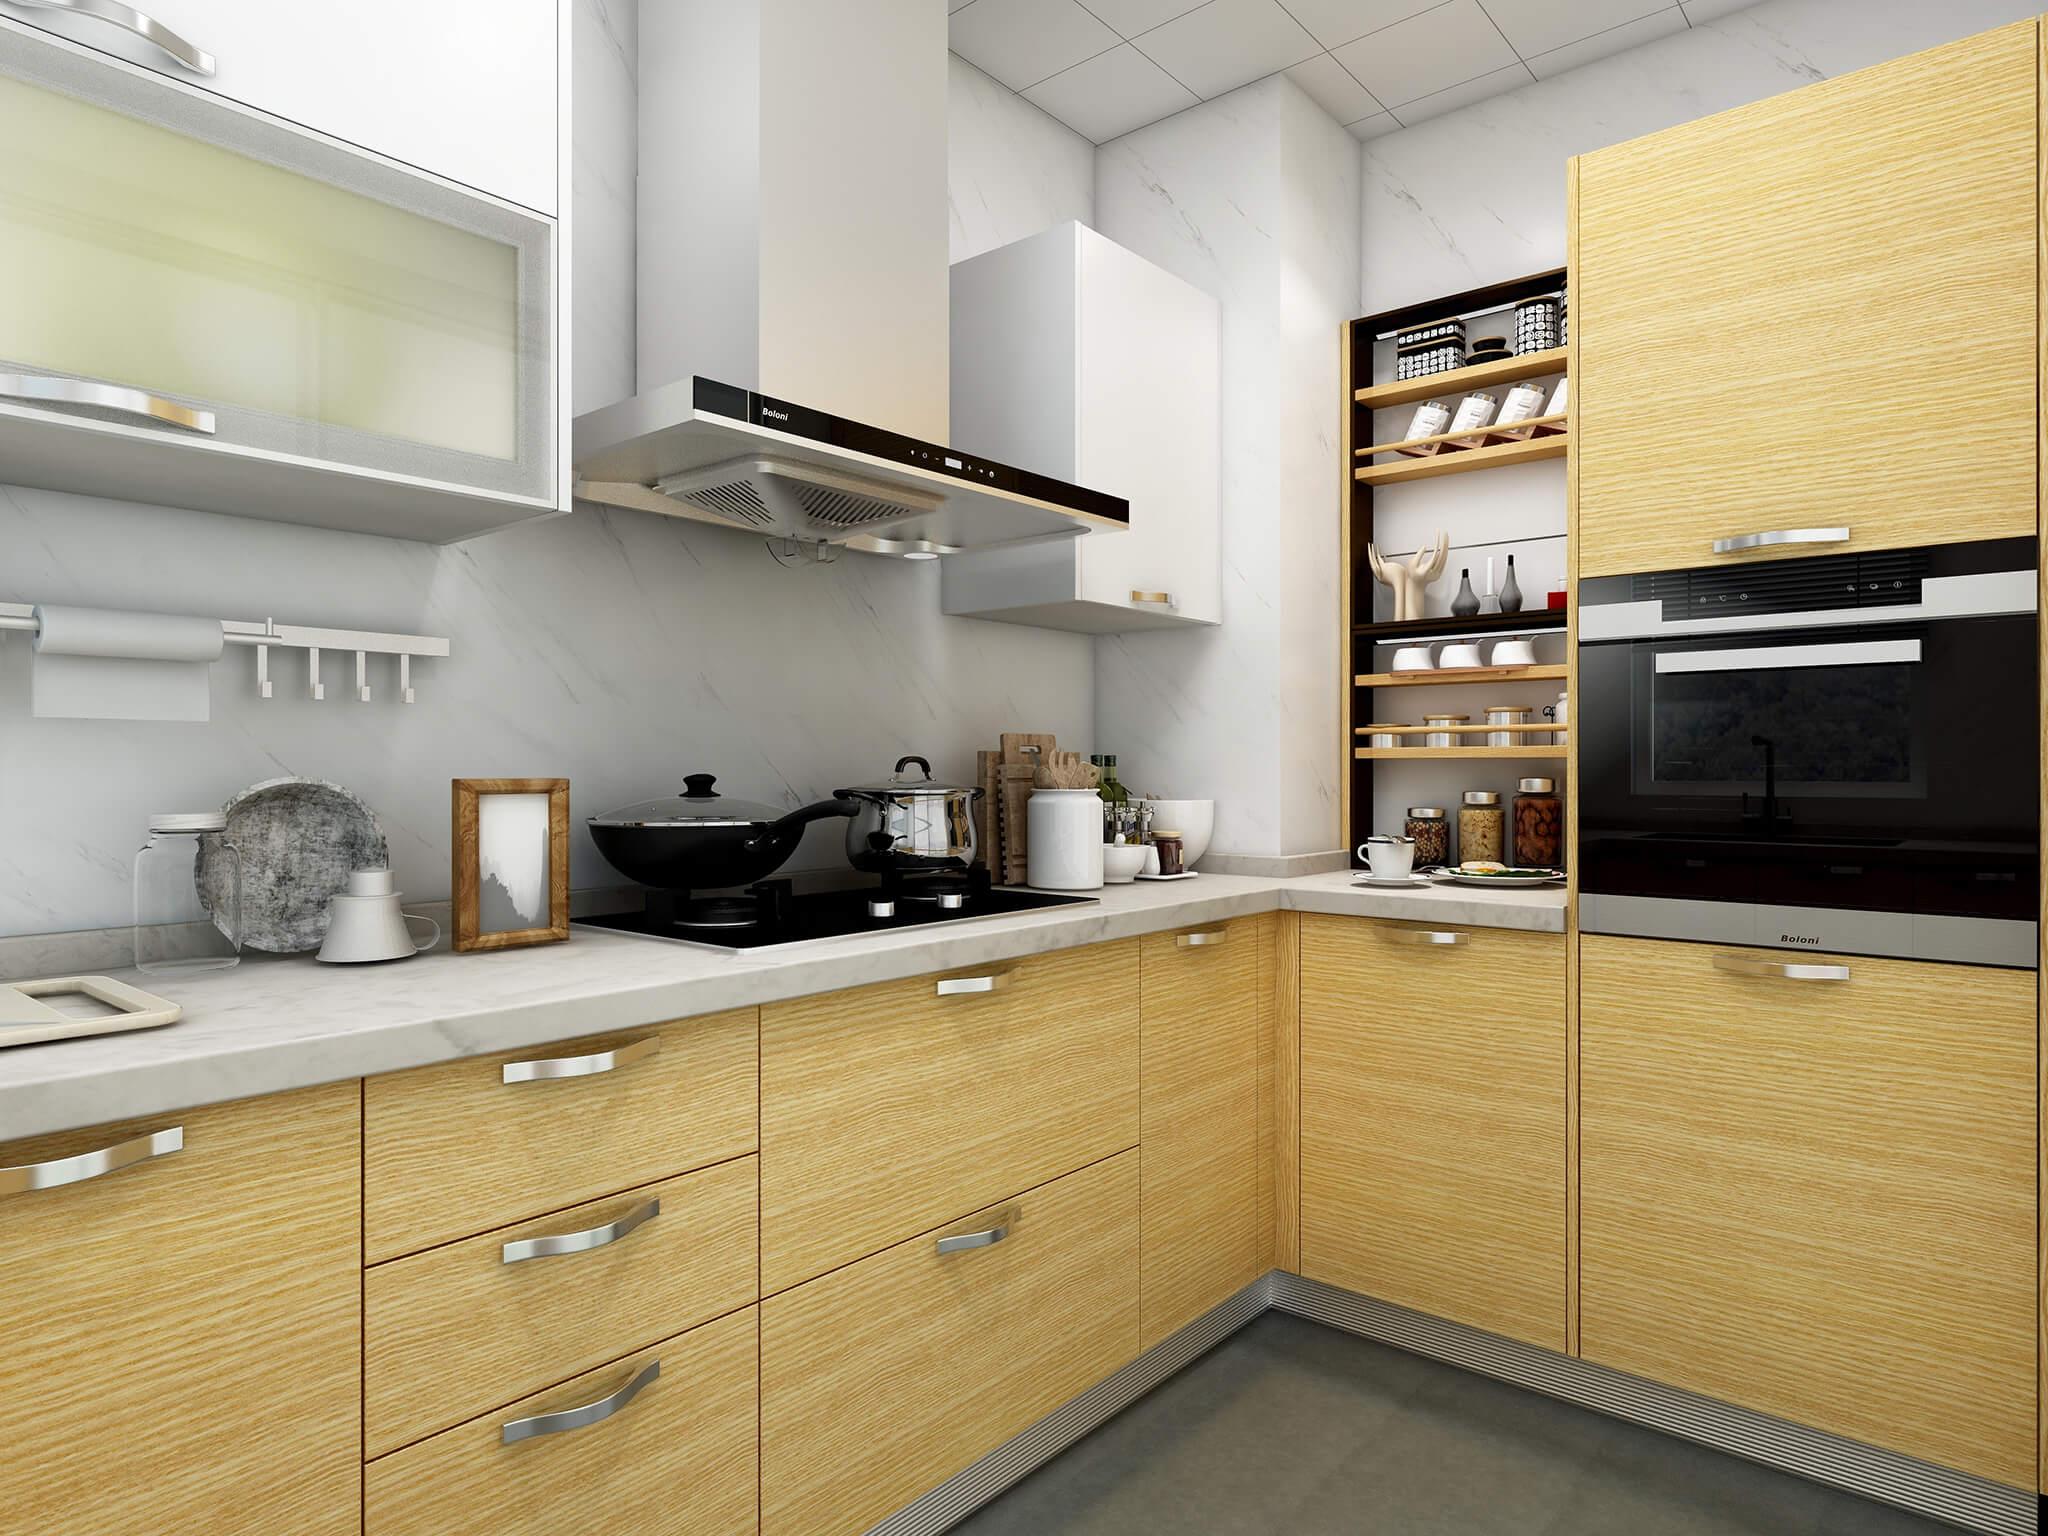 厨房装修知识之厨房装修前期必须考虑的8大安全因素